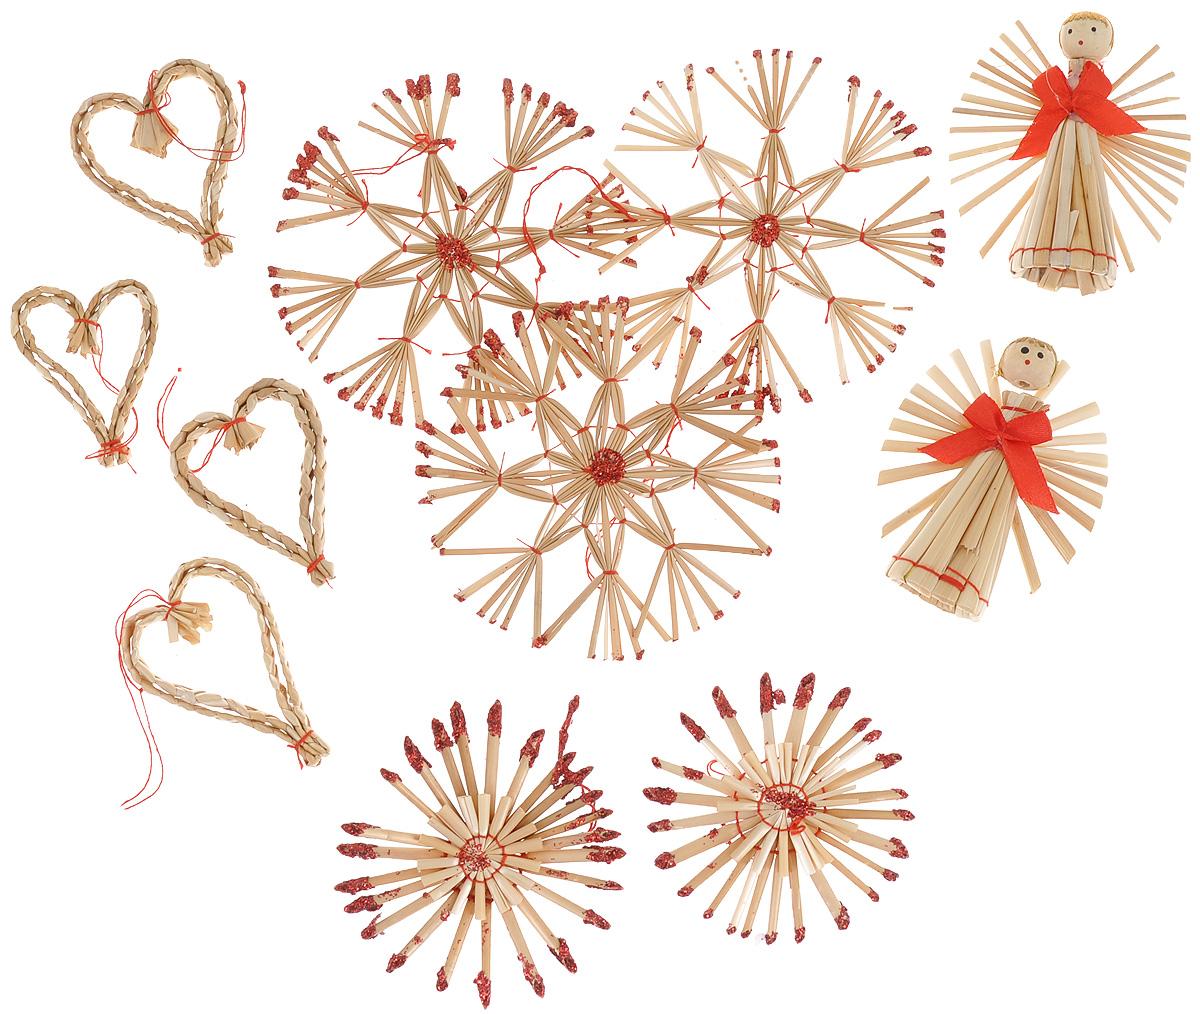 Набор новогодних подвесных украшений Феникс-презент Сердца и звезды, цвет: красный, светло-коричневый, 11 шт набор новогодних подвесных украшений феникс презент ассорти цвет красный диаметр 6 см 6 шт